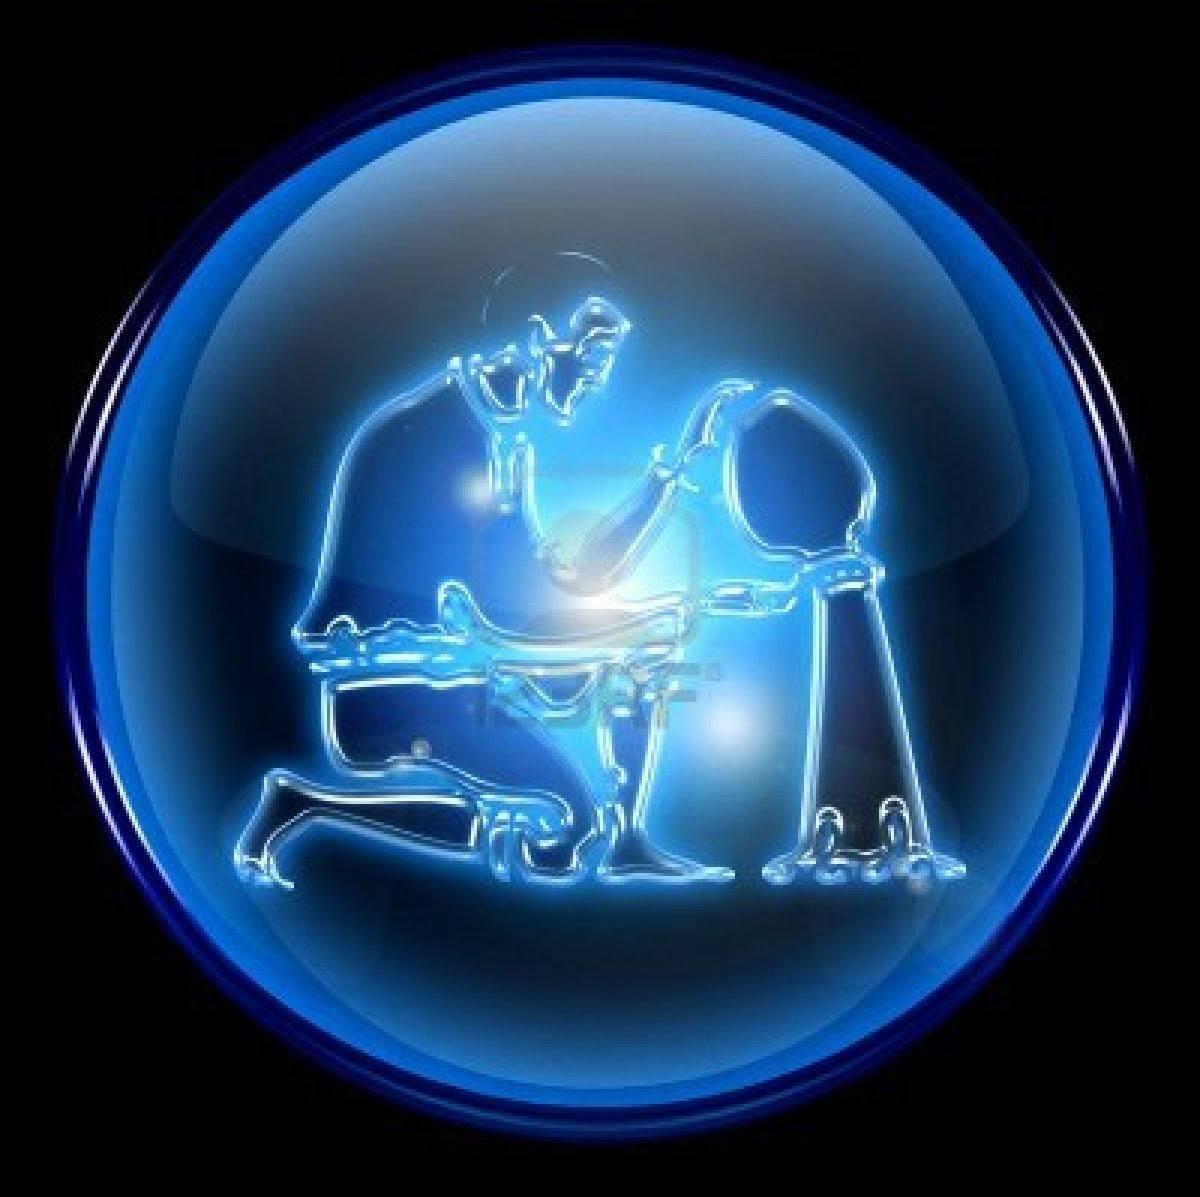 Hor scopo acuario 2014 for Horoscopo de hoy acuario